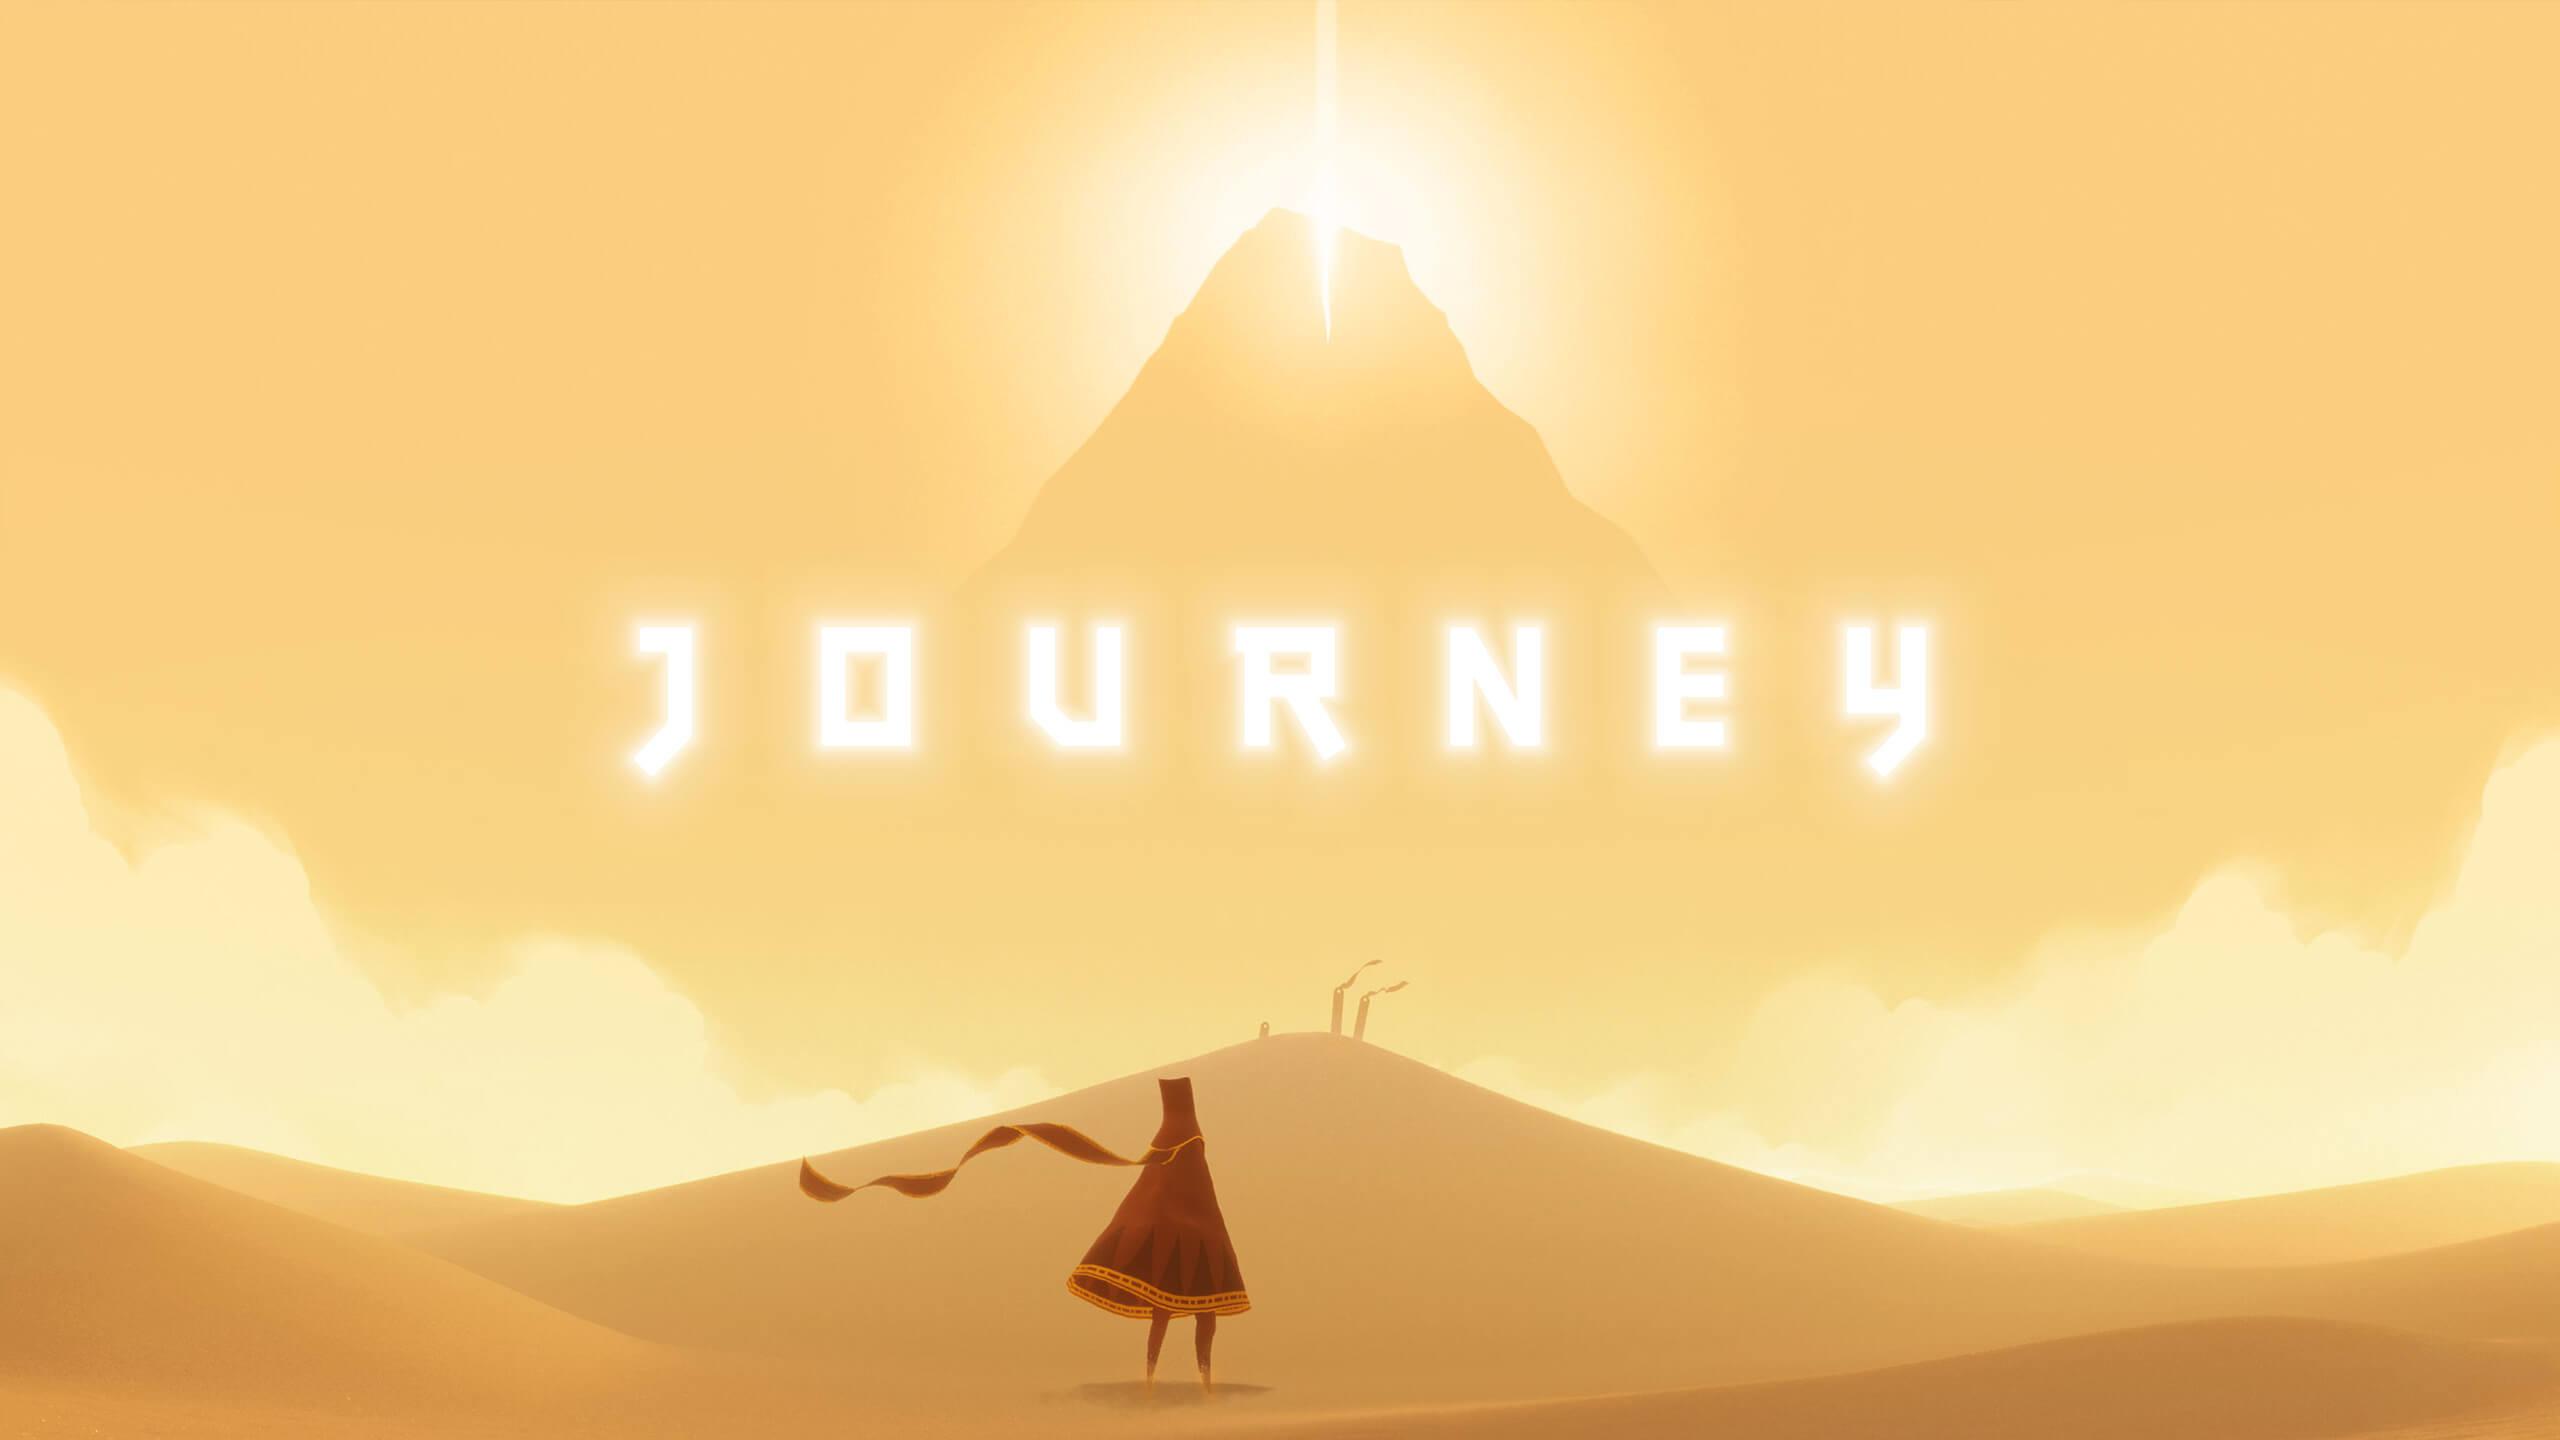 このアドベンチャーで忘れられた文明の秘密を探り、不思議な世界を旅してください。輝かしい賞を序された『風の旅ビト』にPC版が登場しました!